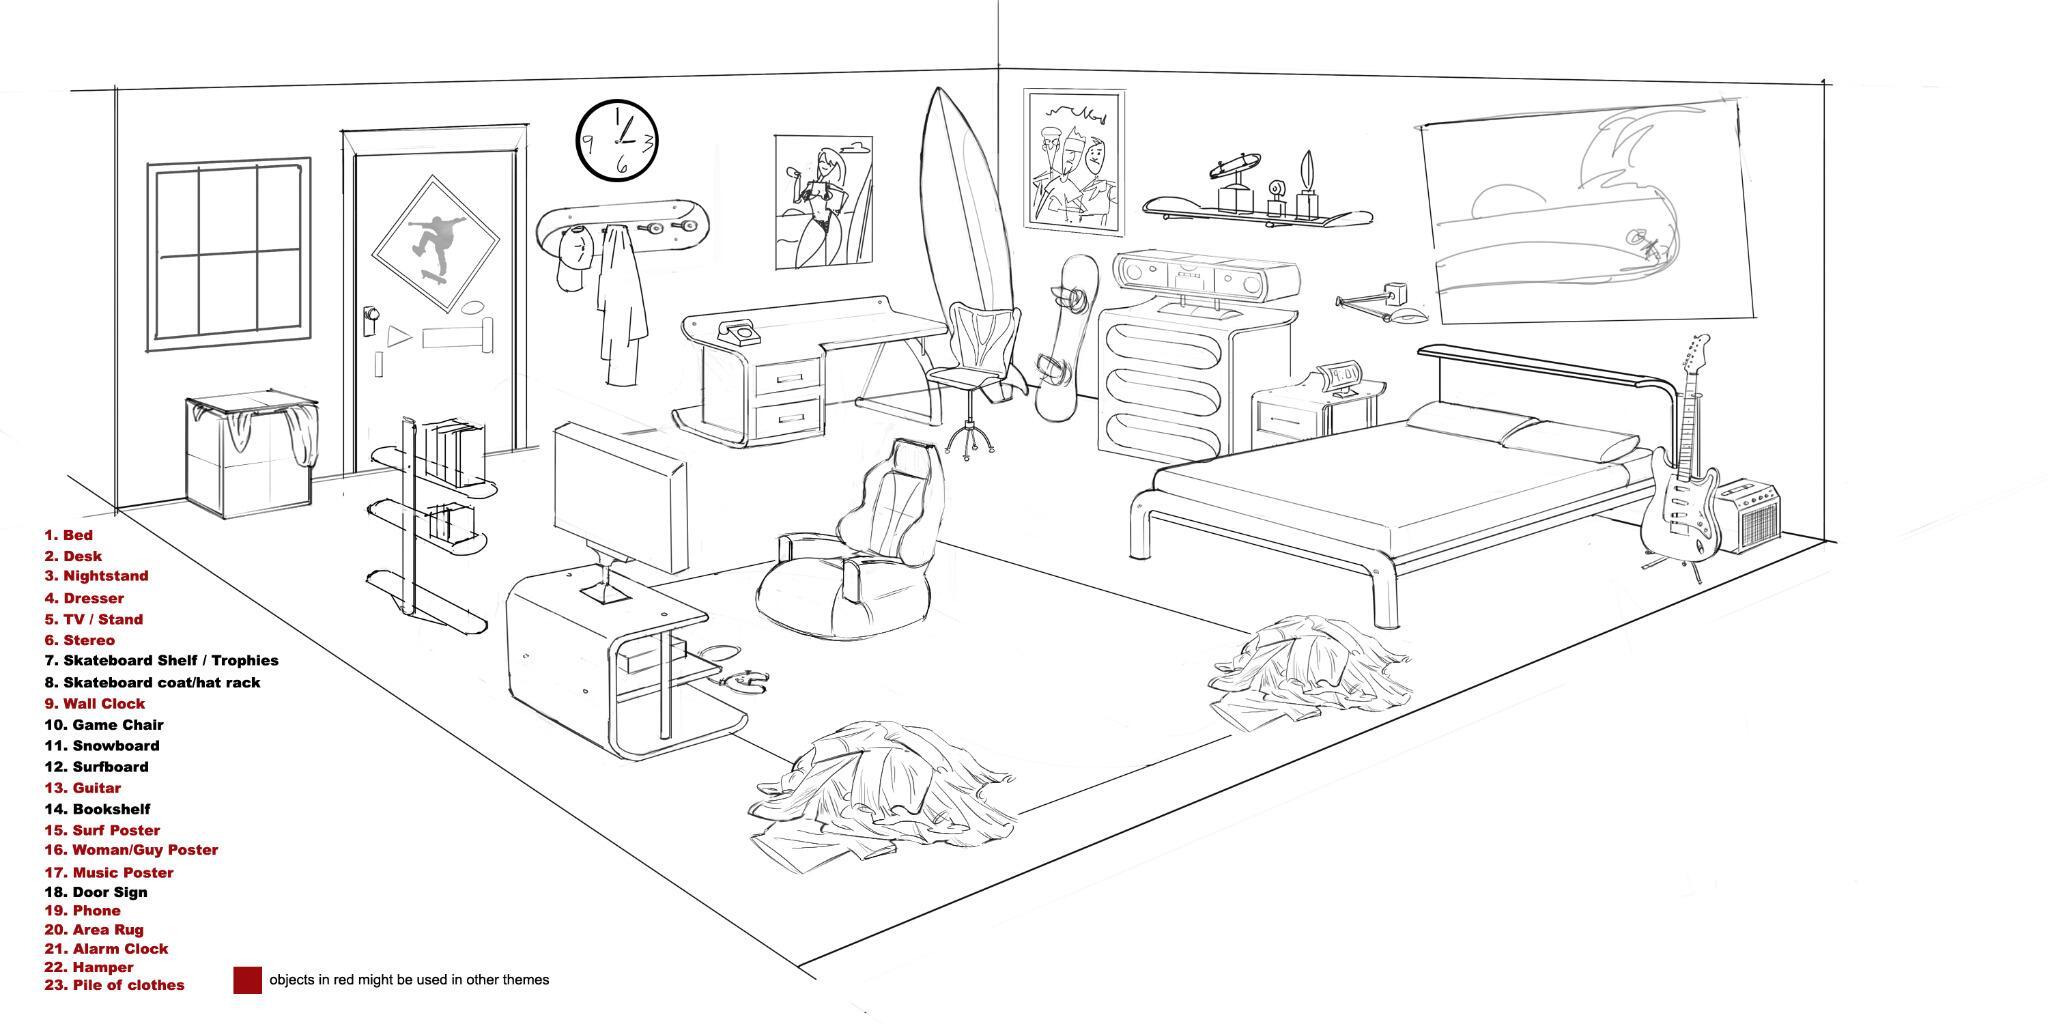 [Imagen] Arte conceptual Los Sims 2 Jovenes Urbanos BexBCUcCEAIh4_C